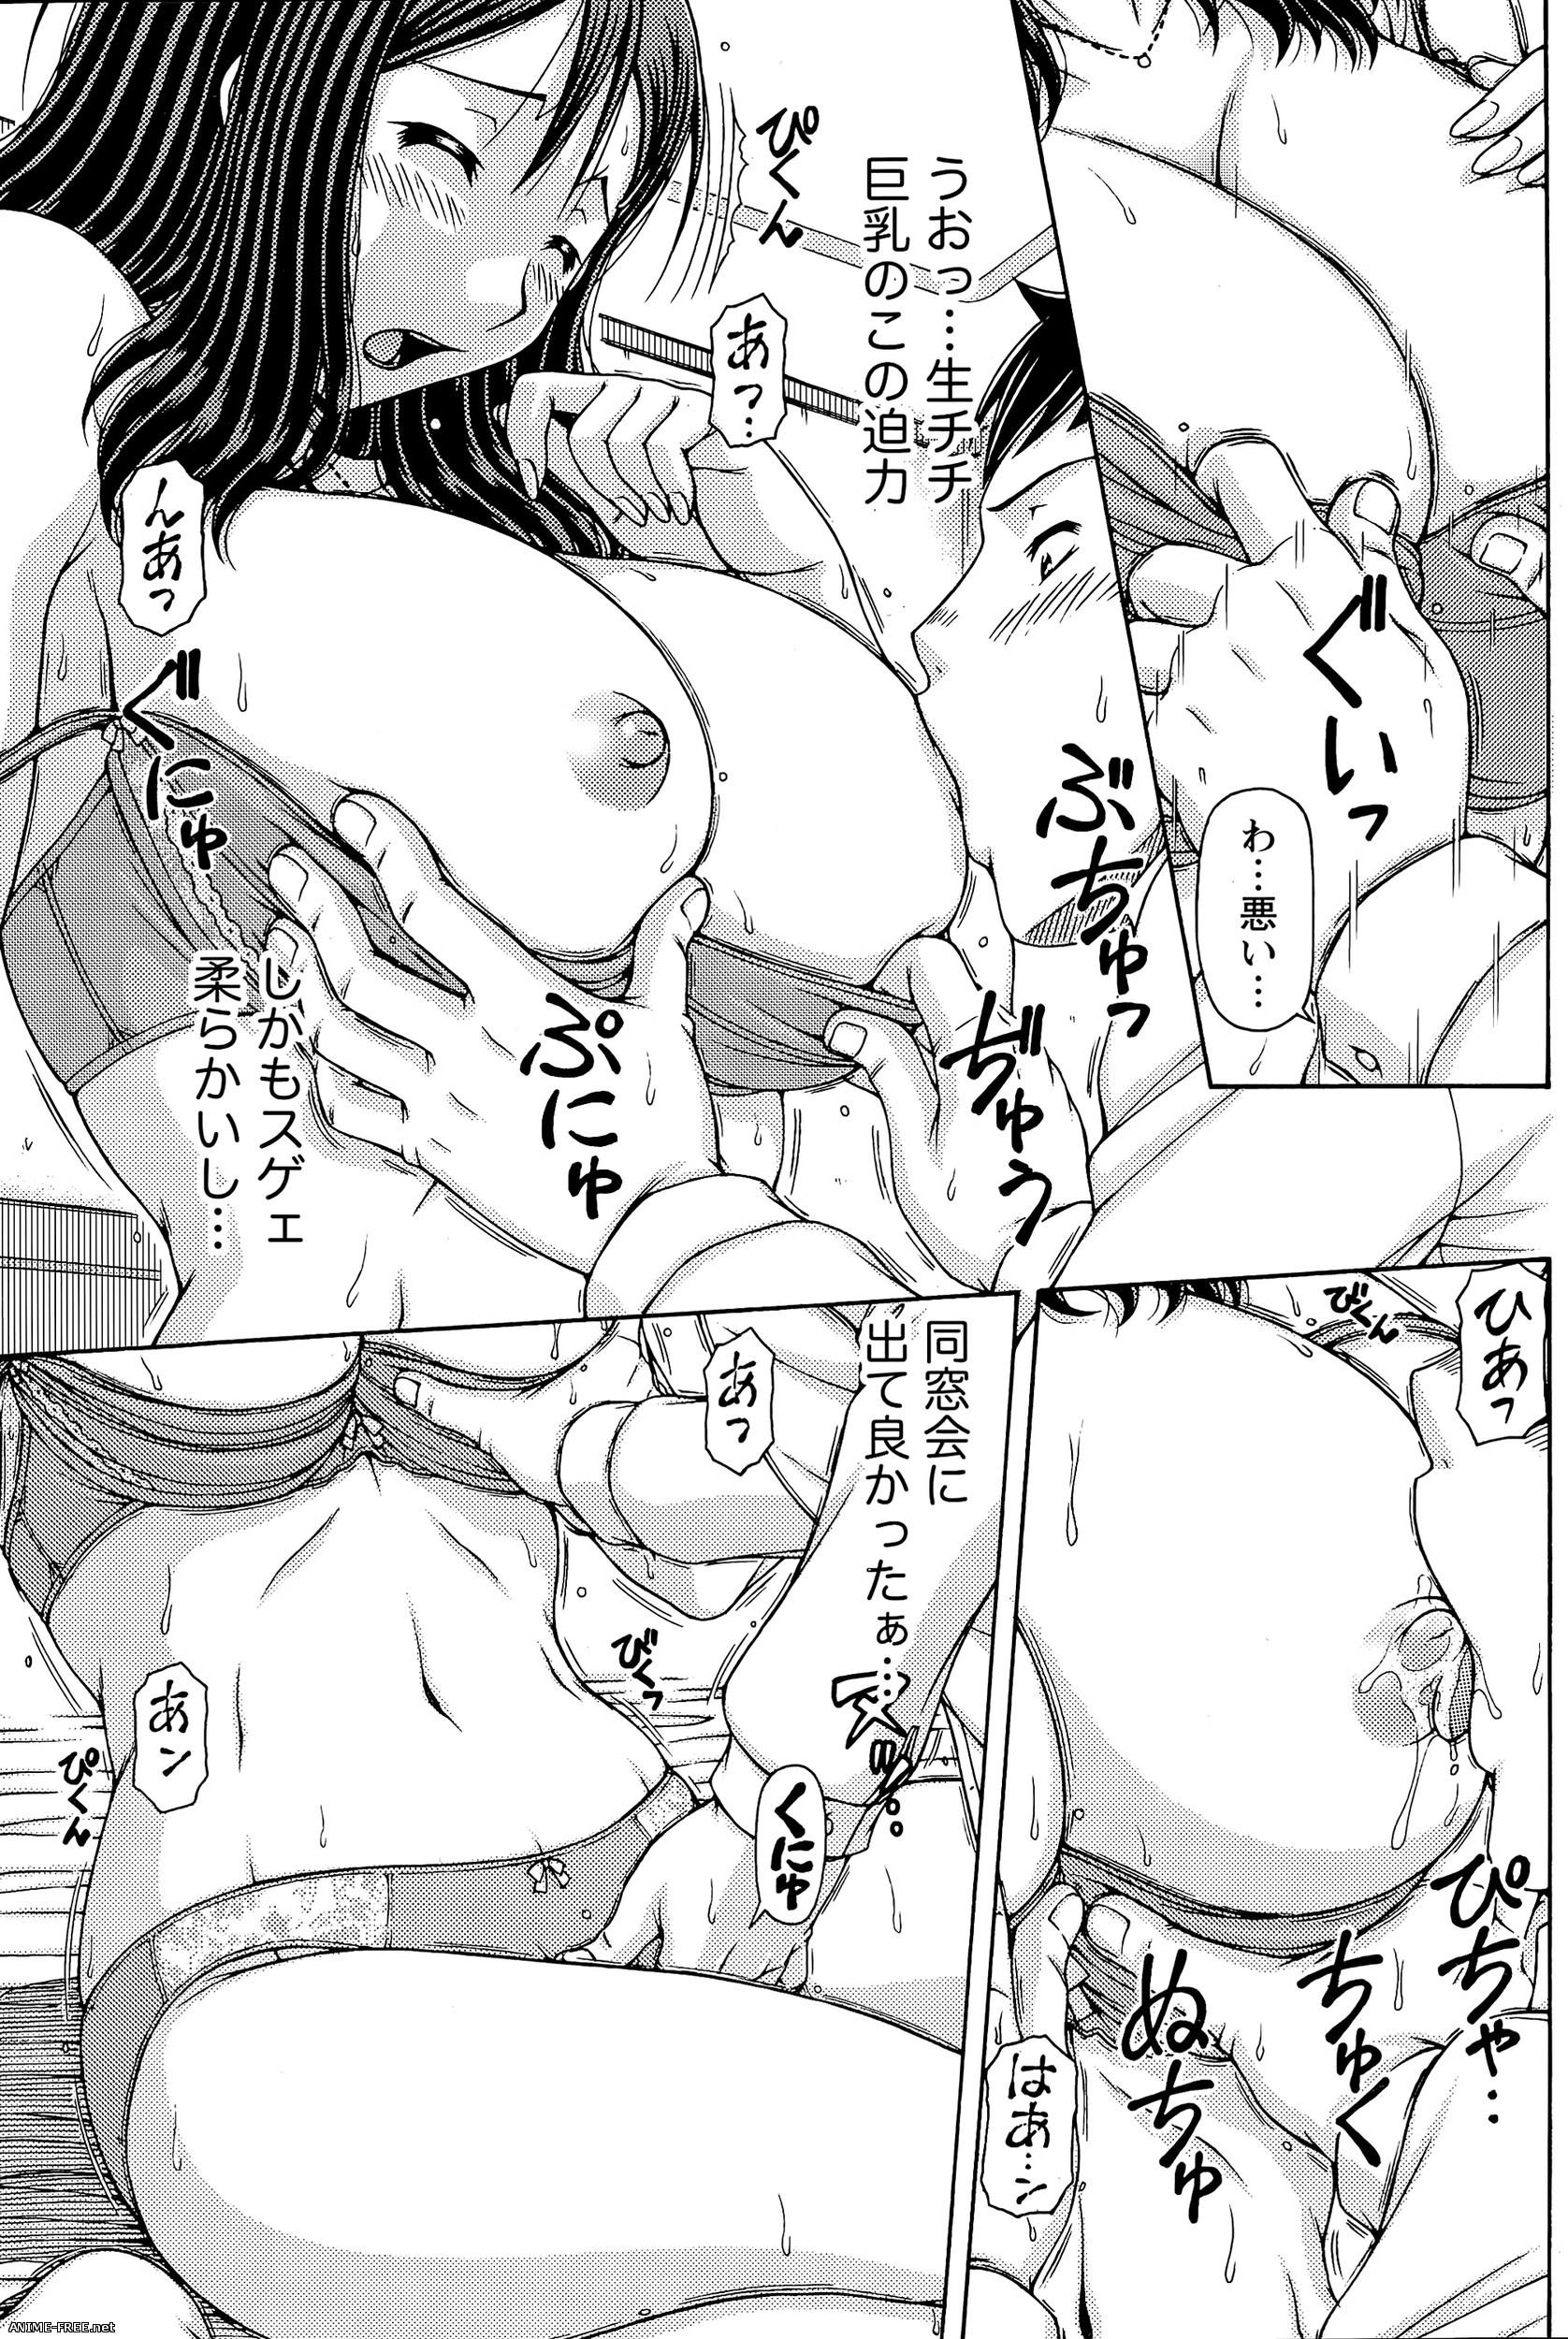 Хентай Журнал - Namaiki! [2007-2015] [Cen] [JAP] Manga Hentai